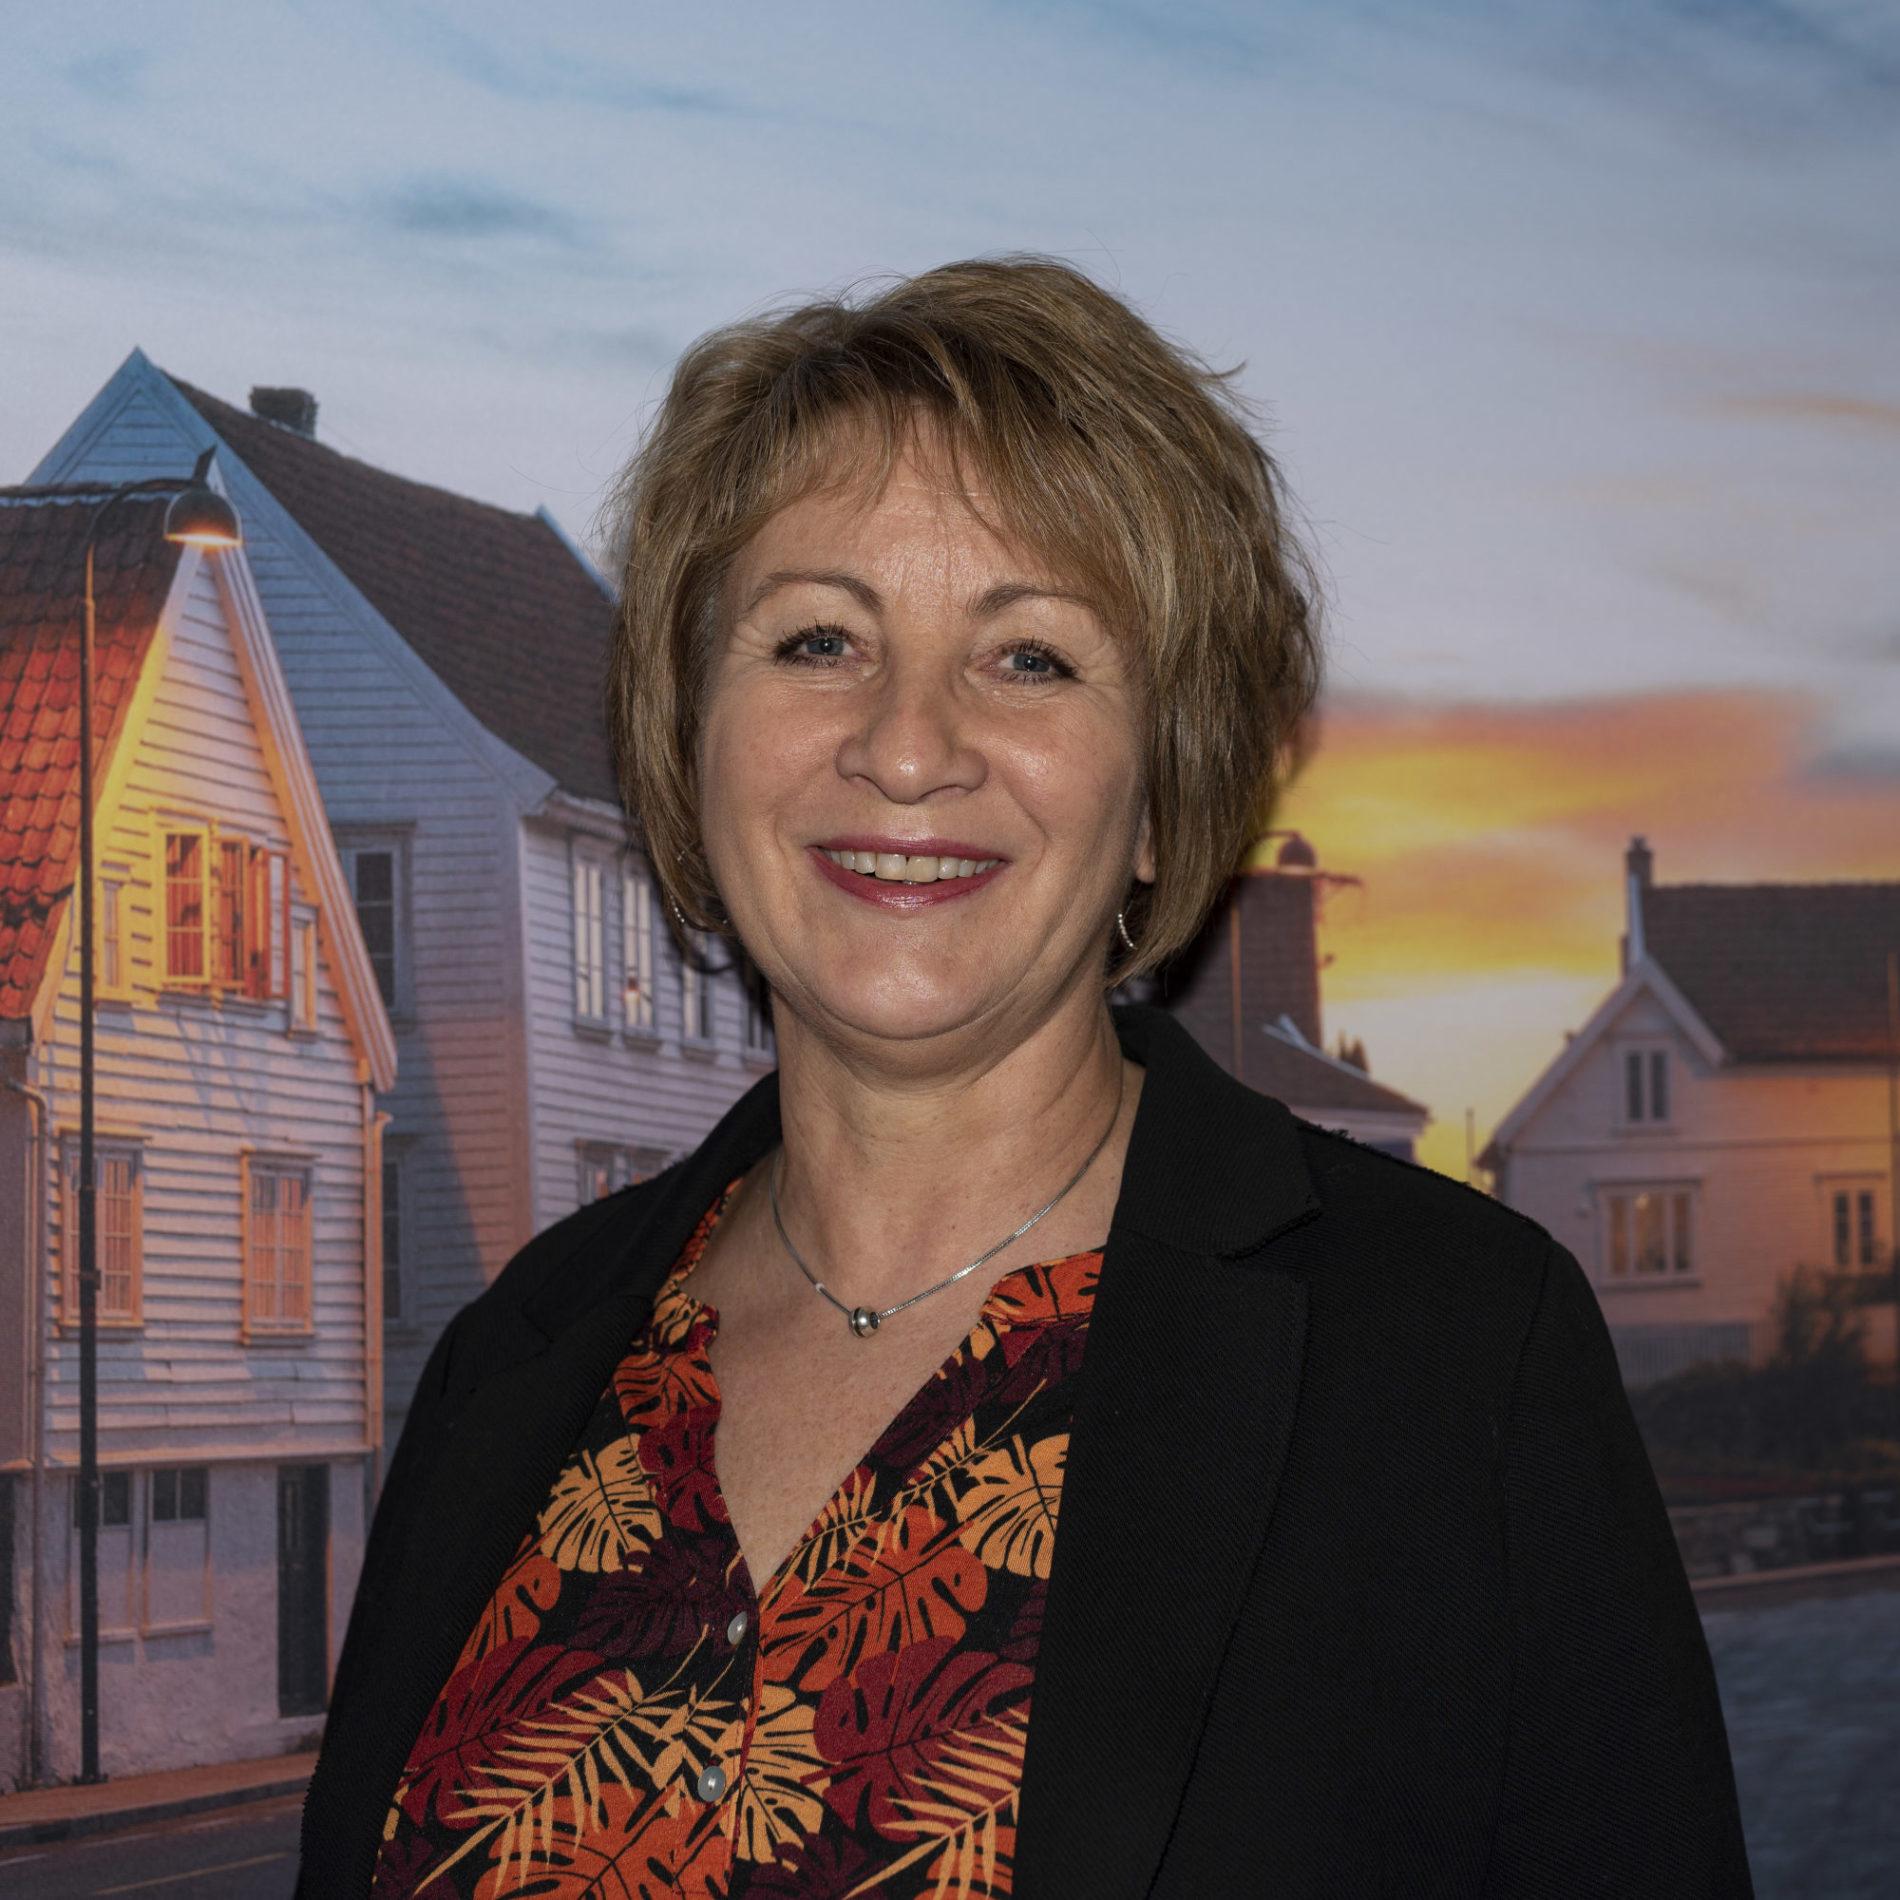 Grete Thu Christiansen